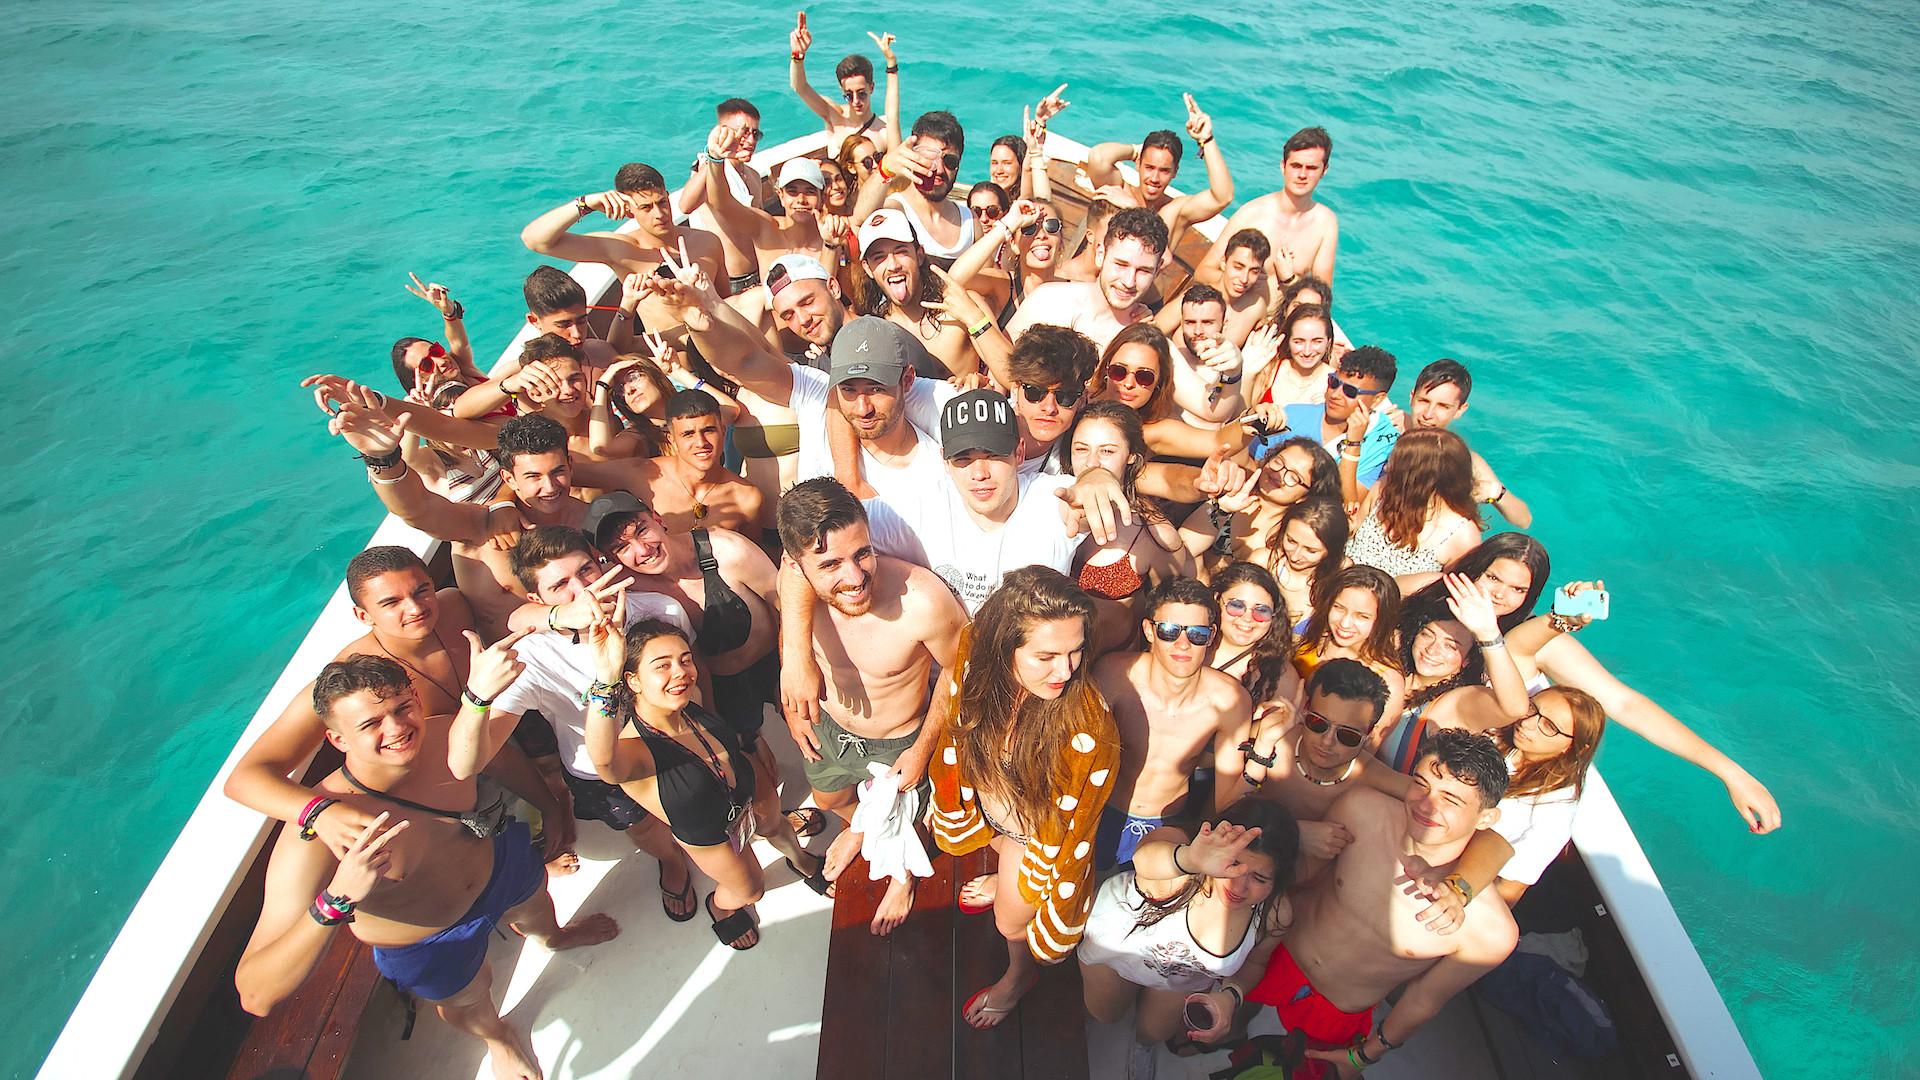 La mejor fiesta en barco de mallorca